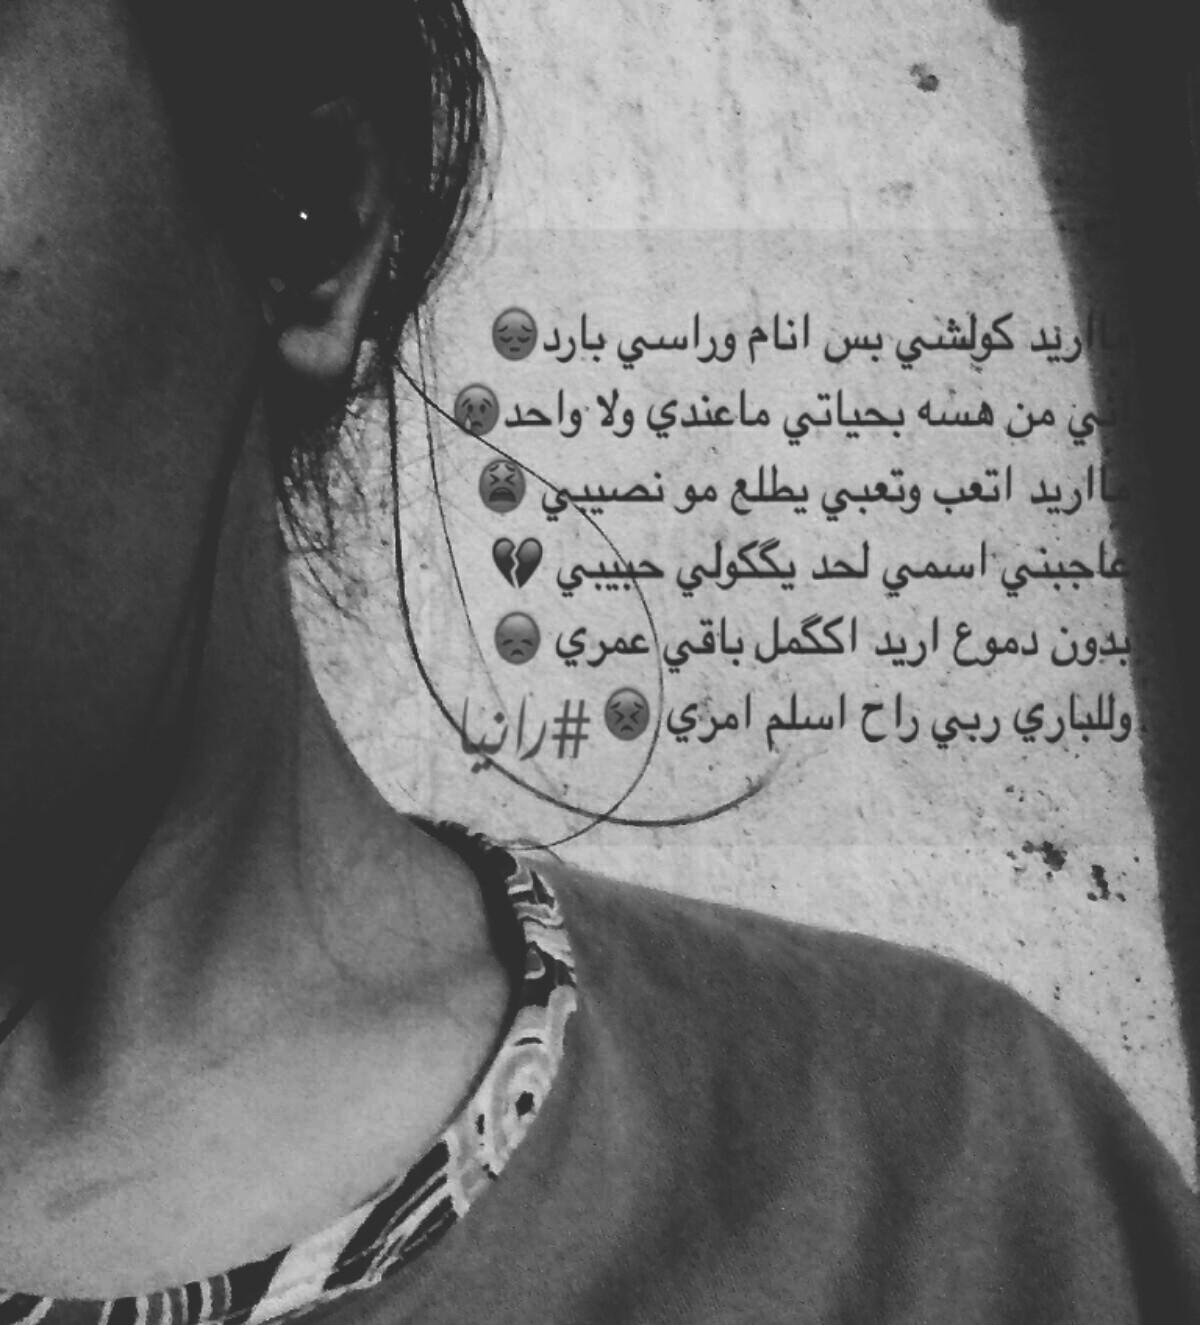 بالصور موجوع قلبي كلمات , كلمات حزن ووجع متنوعه 4382 5